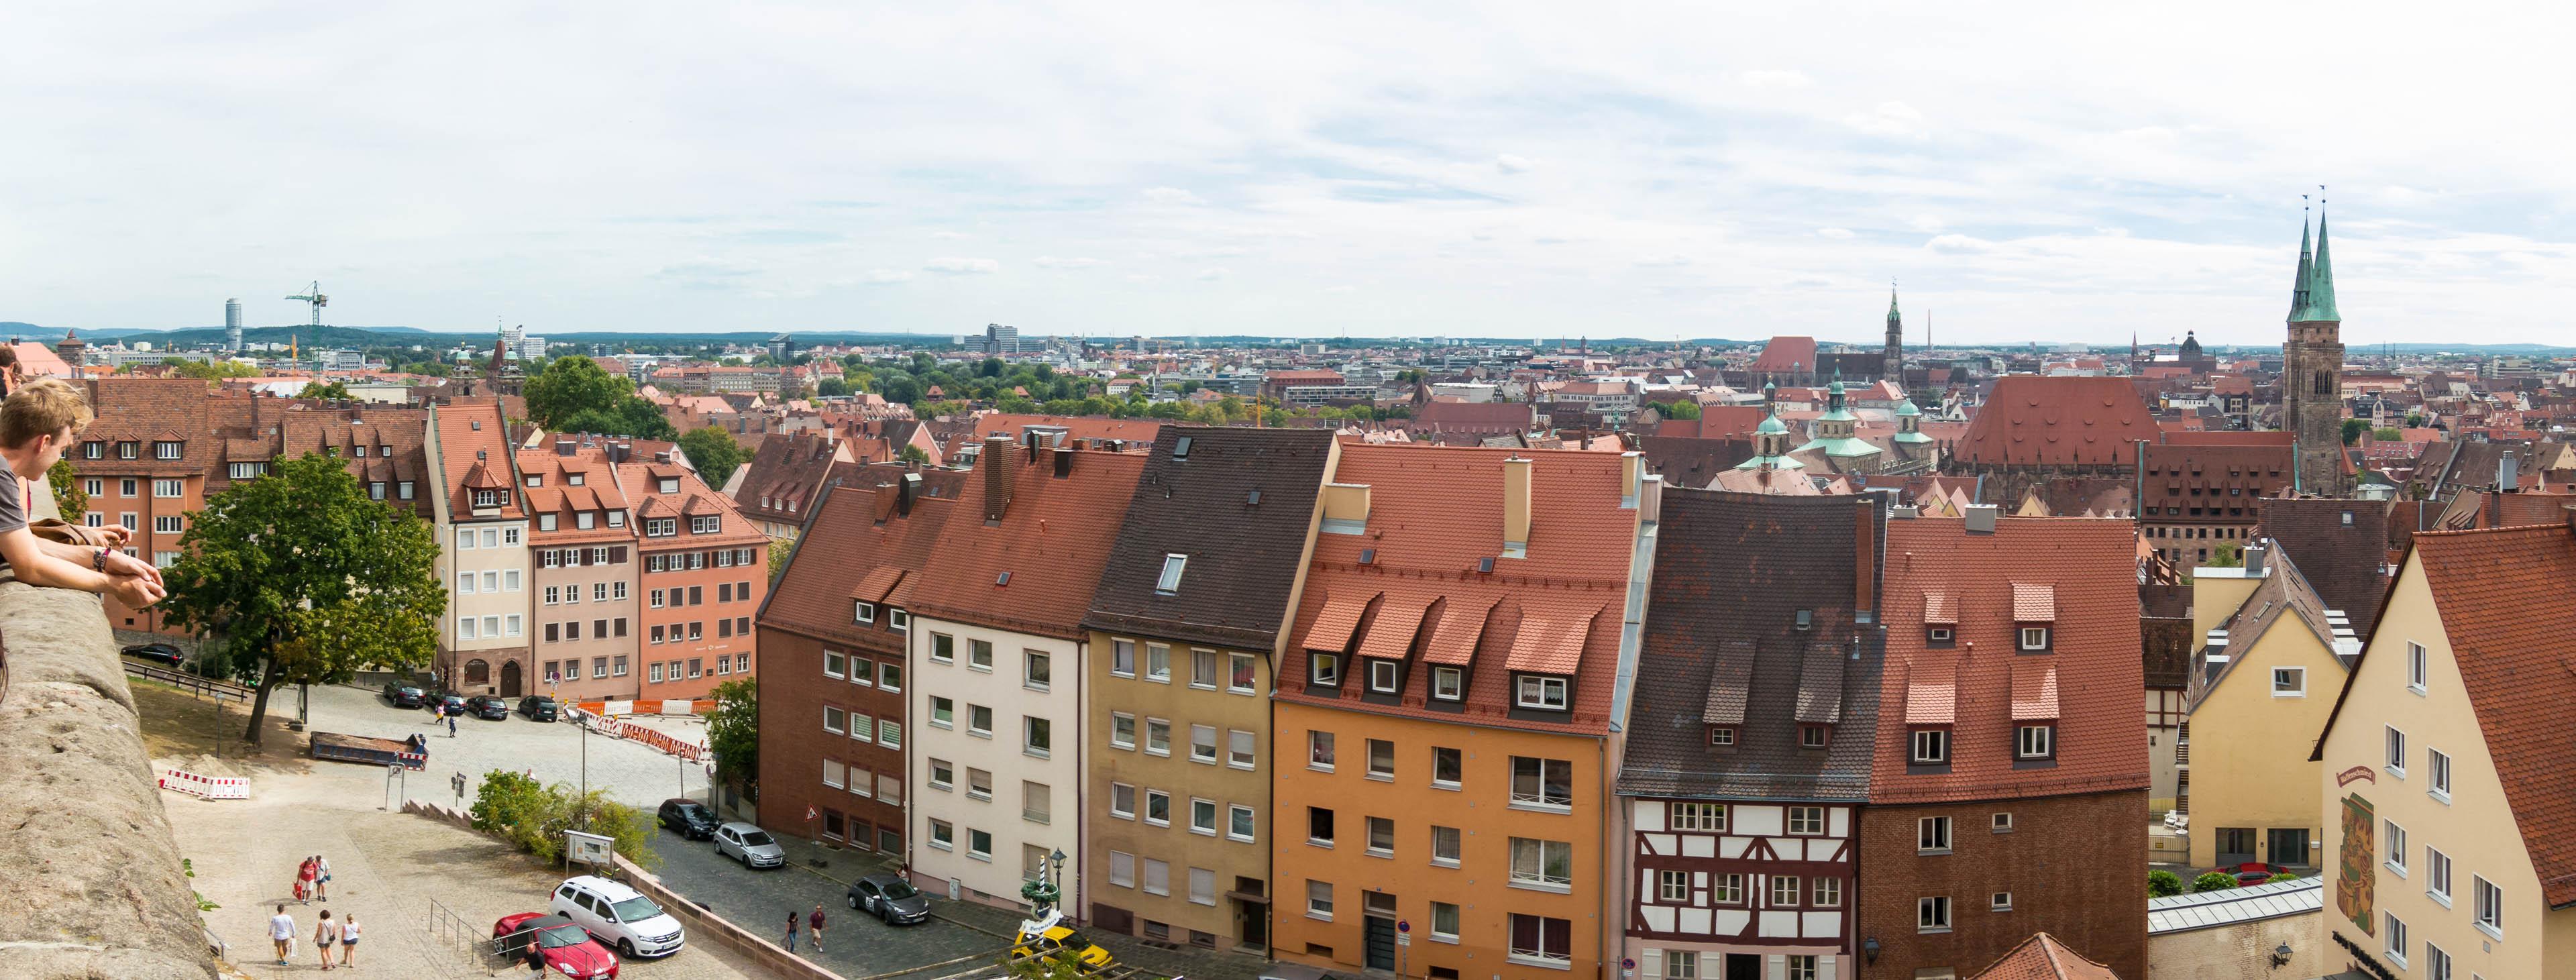 Panorama Nürnberg